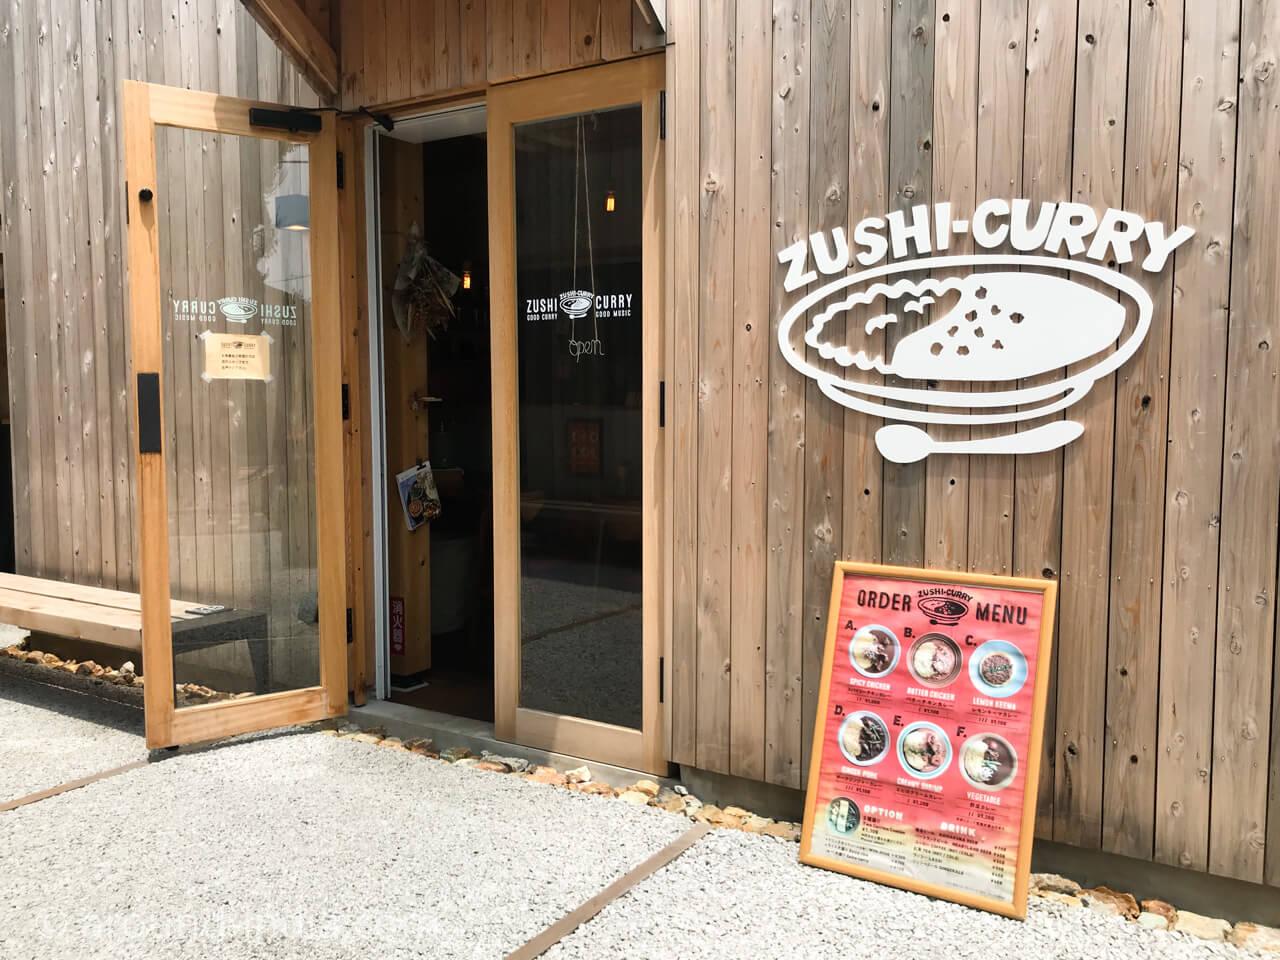 鎌倉のzushi curry外観